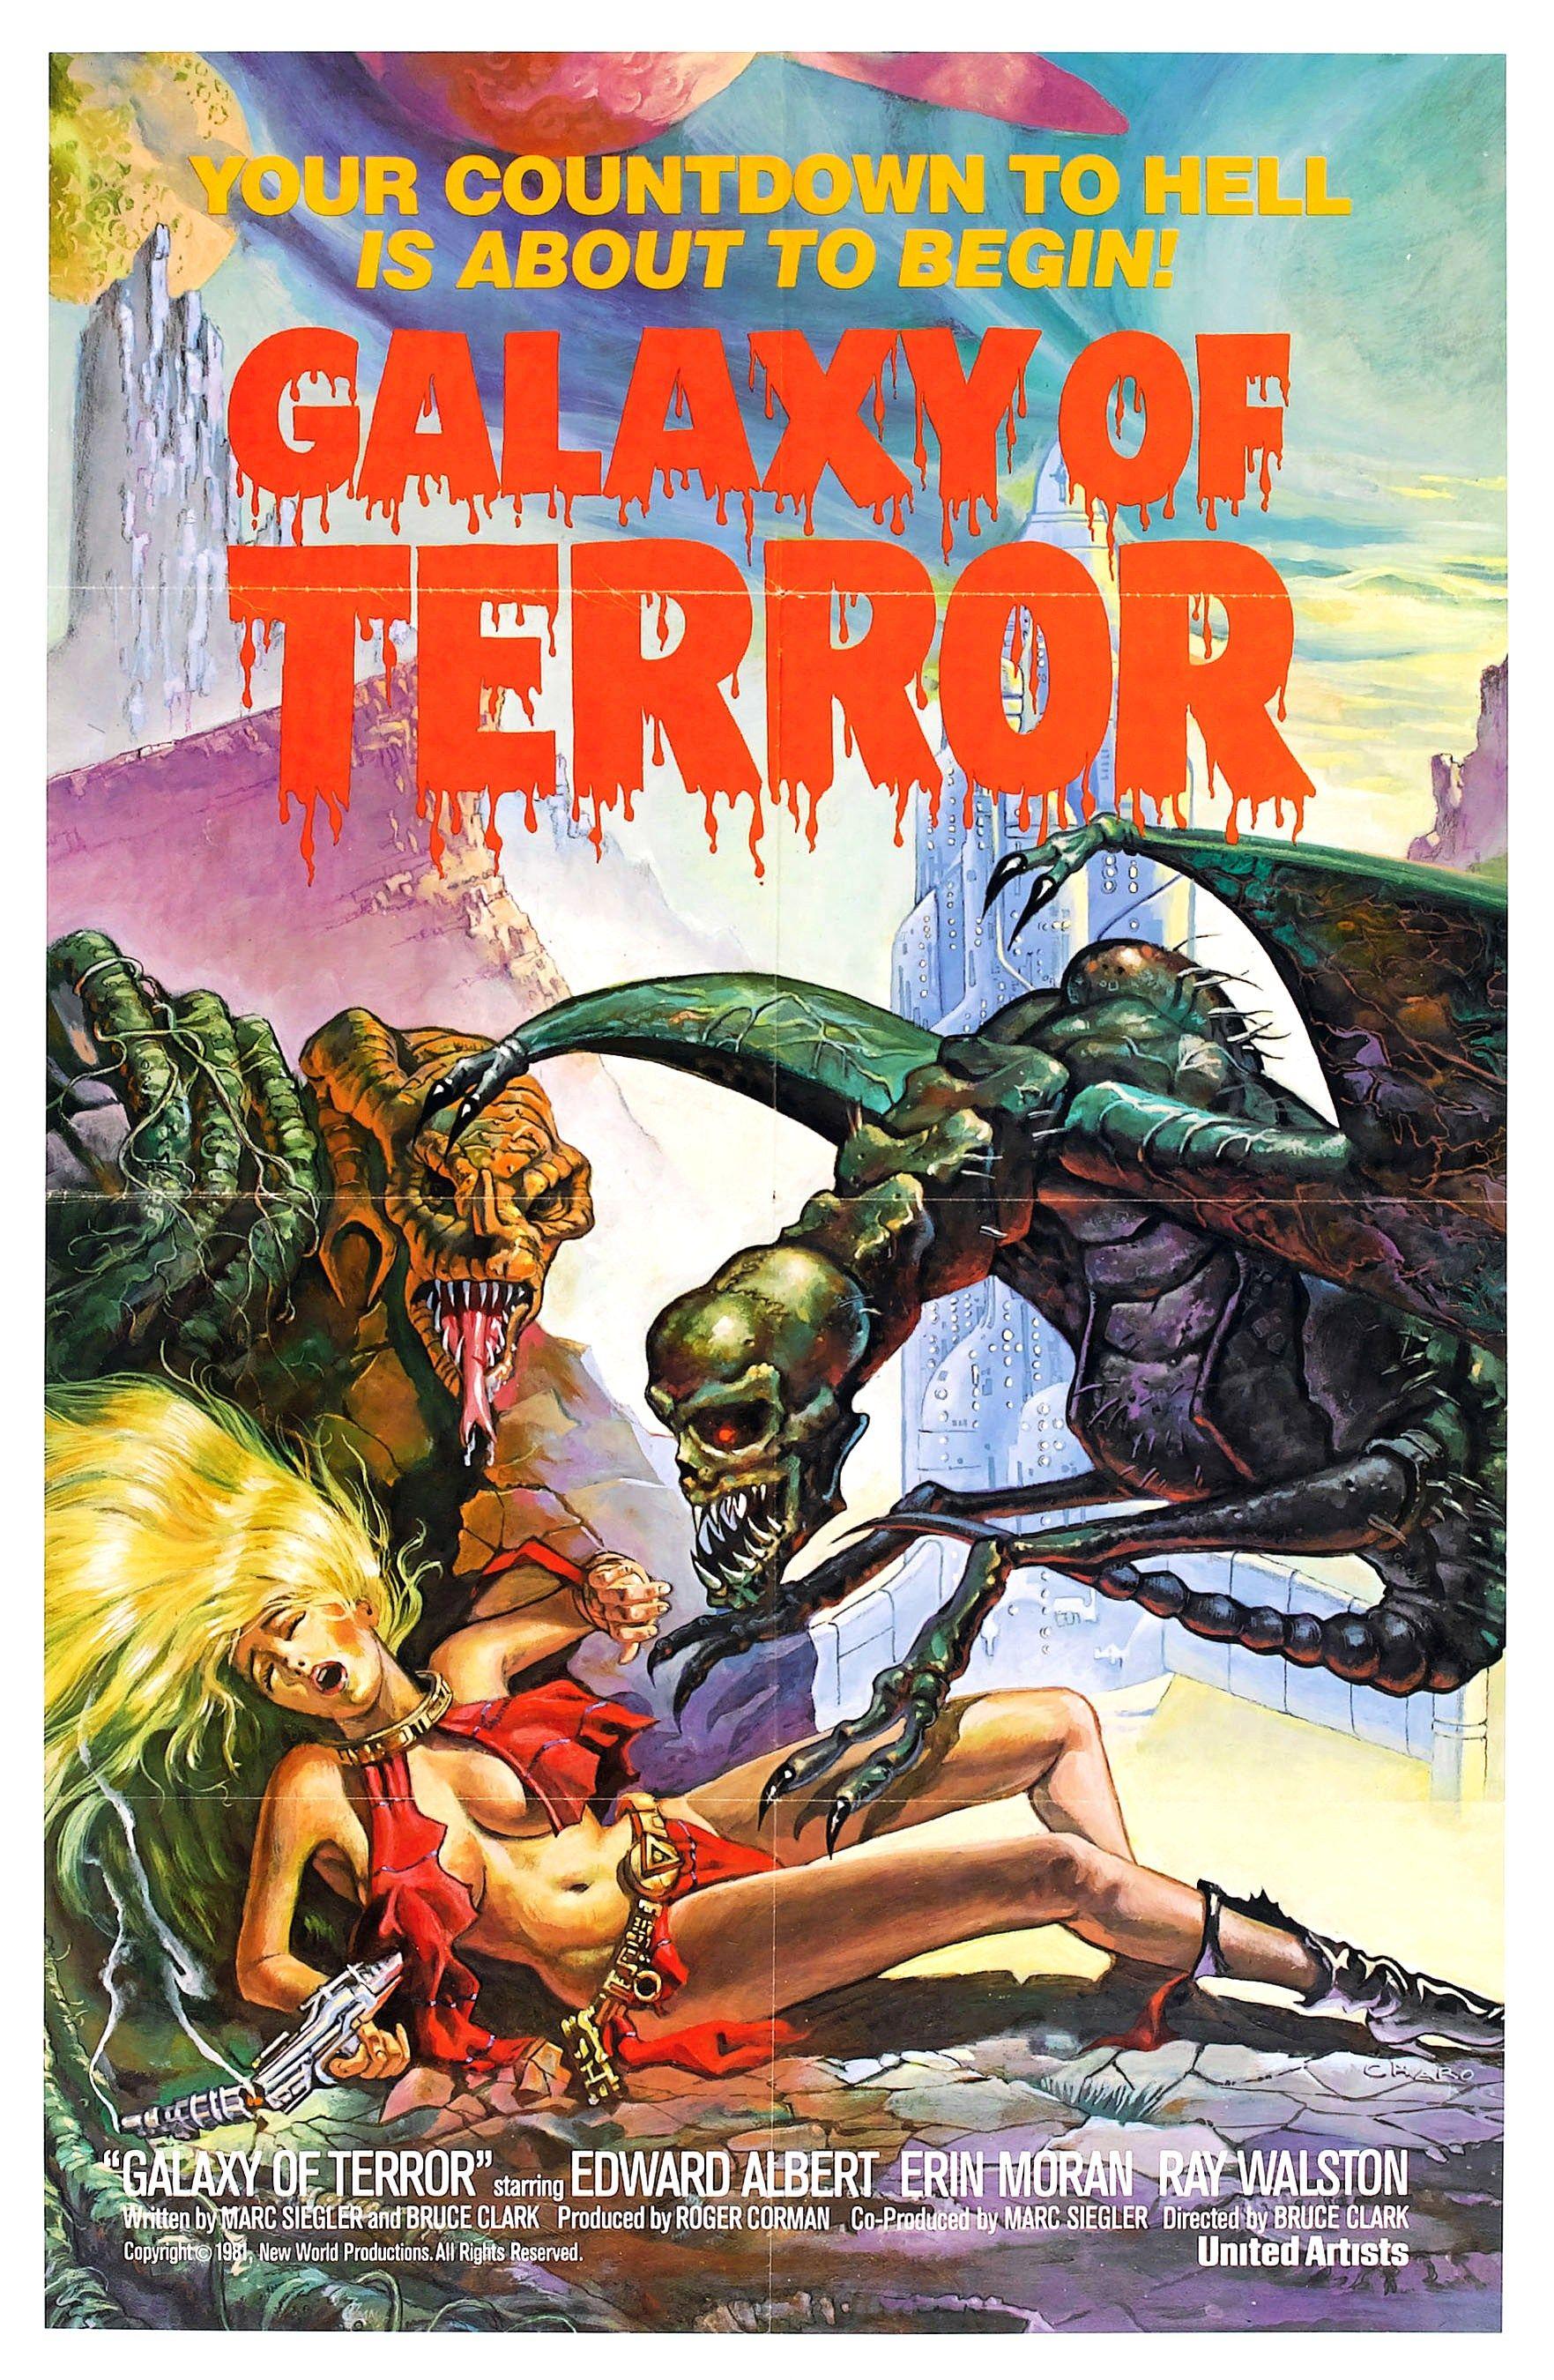 Galaxy of terror 1981 terror movies horror posters